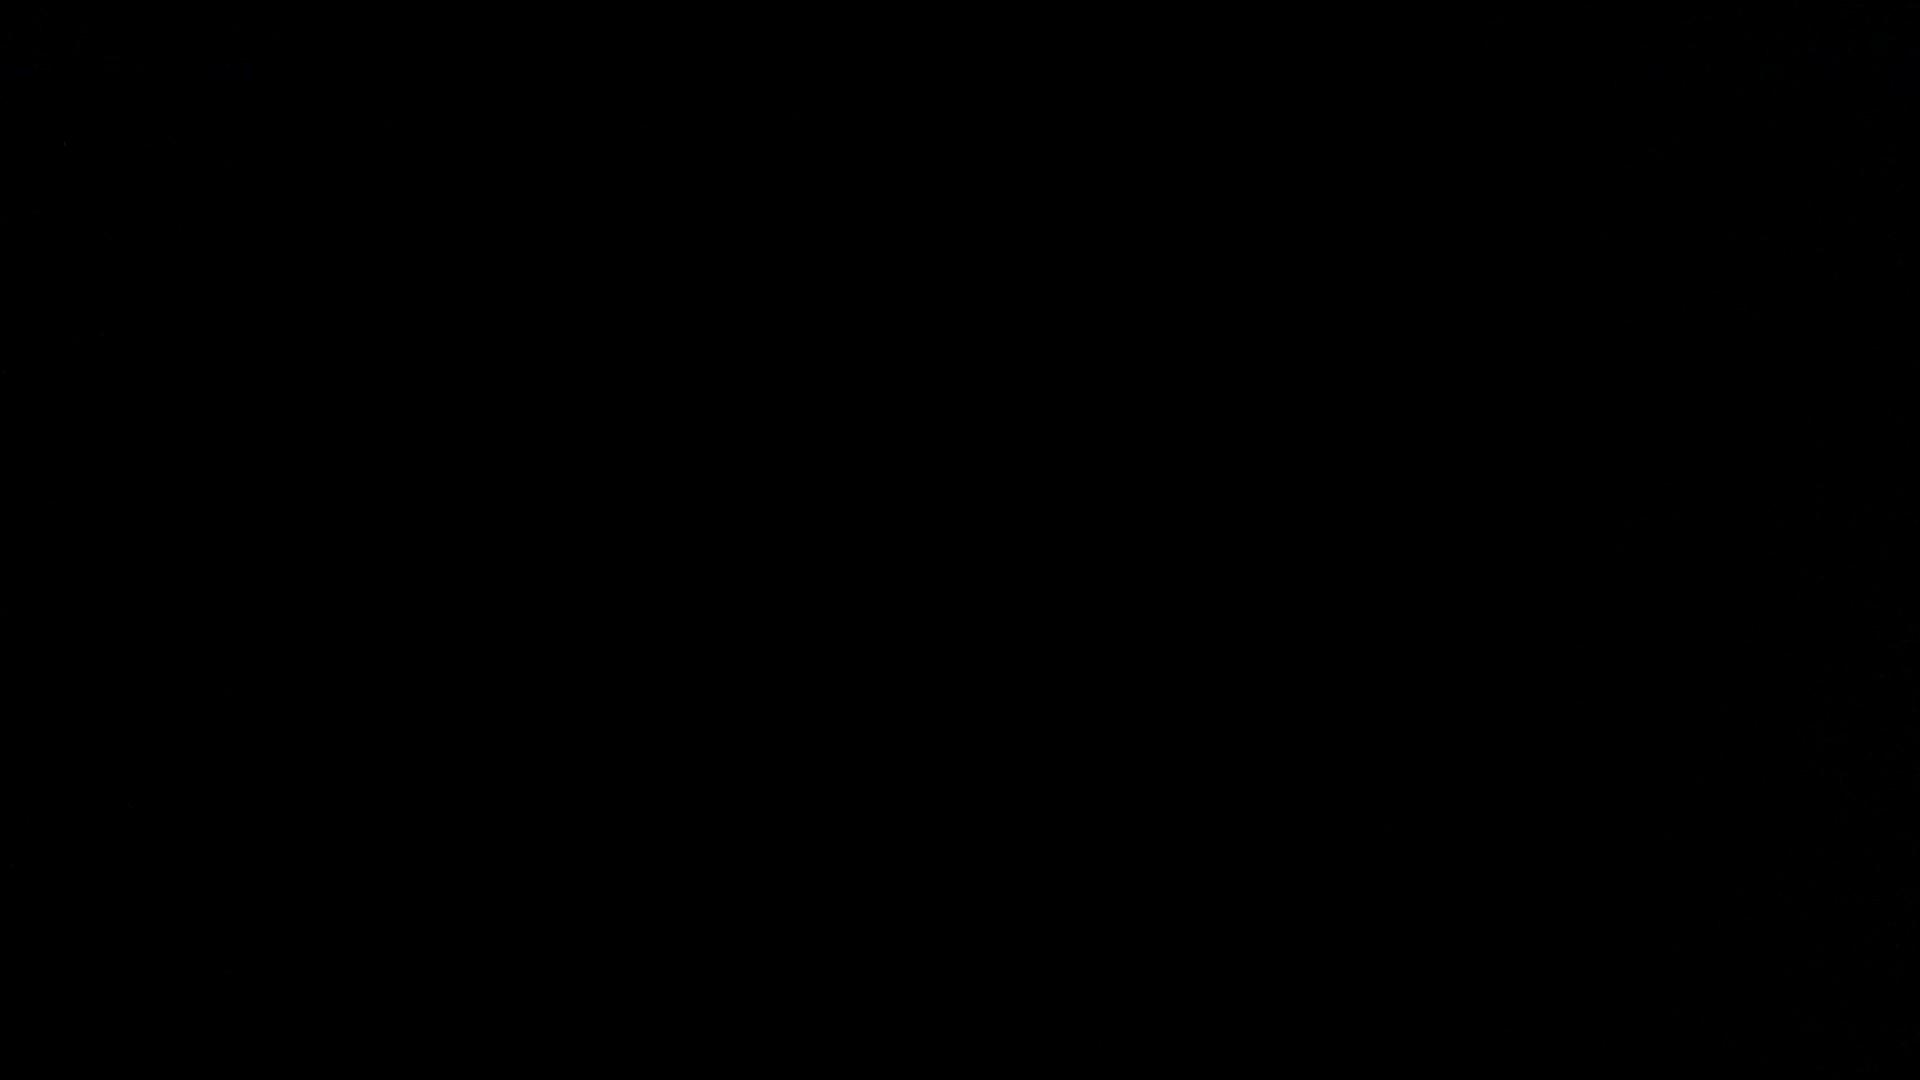 ゆめかわ男子のゆめかわオナニージャニーズ編vol.09 スリム美少年系ジャニ系 | 人気シリーズ  76連発 16